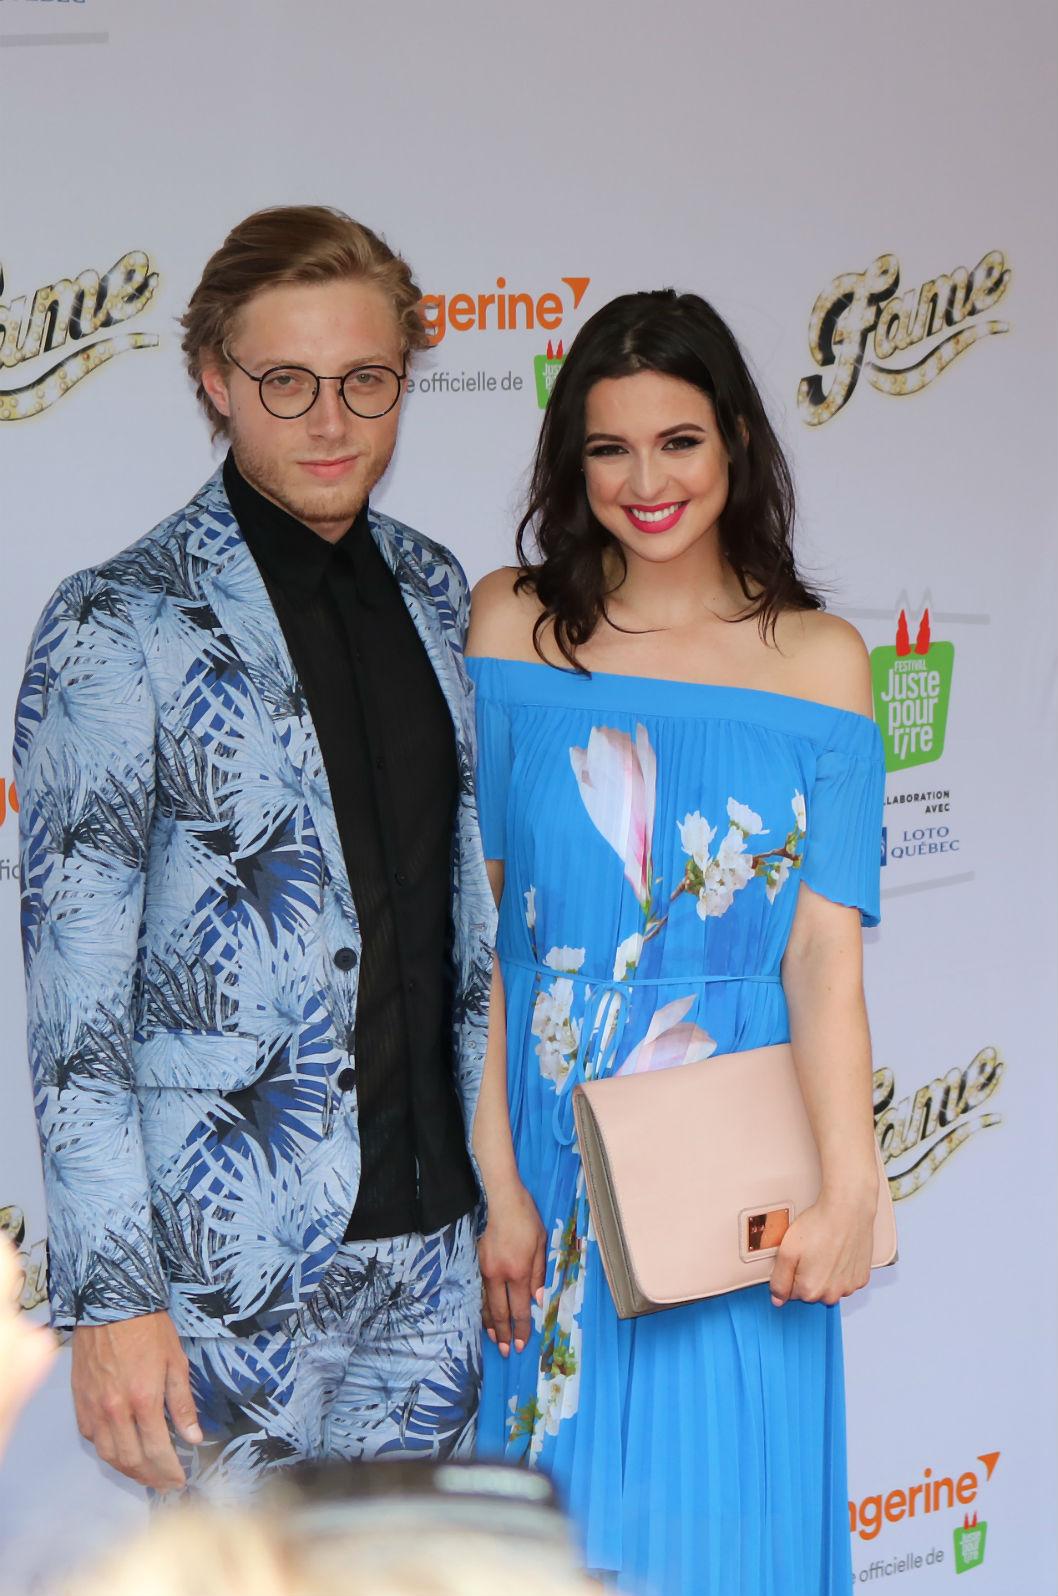 Tapis rouge - Fame- Alexander Ferland & Karine St-Michel